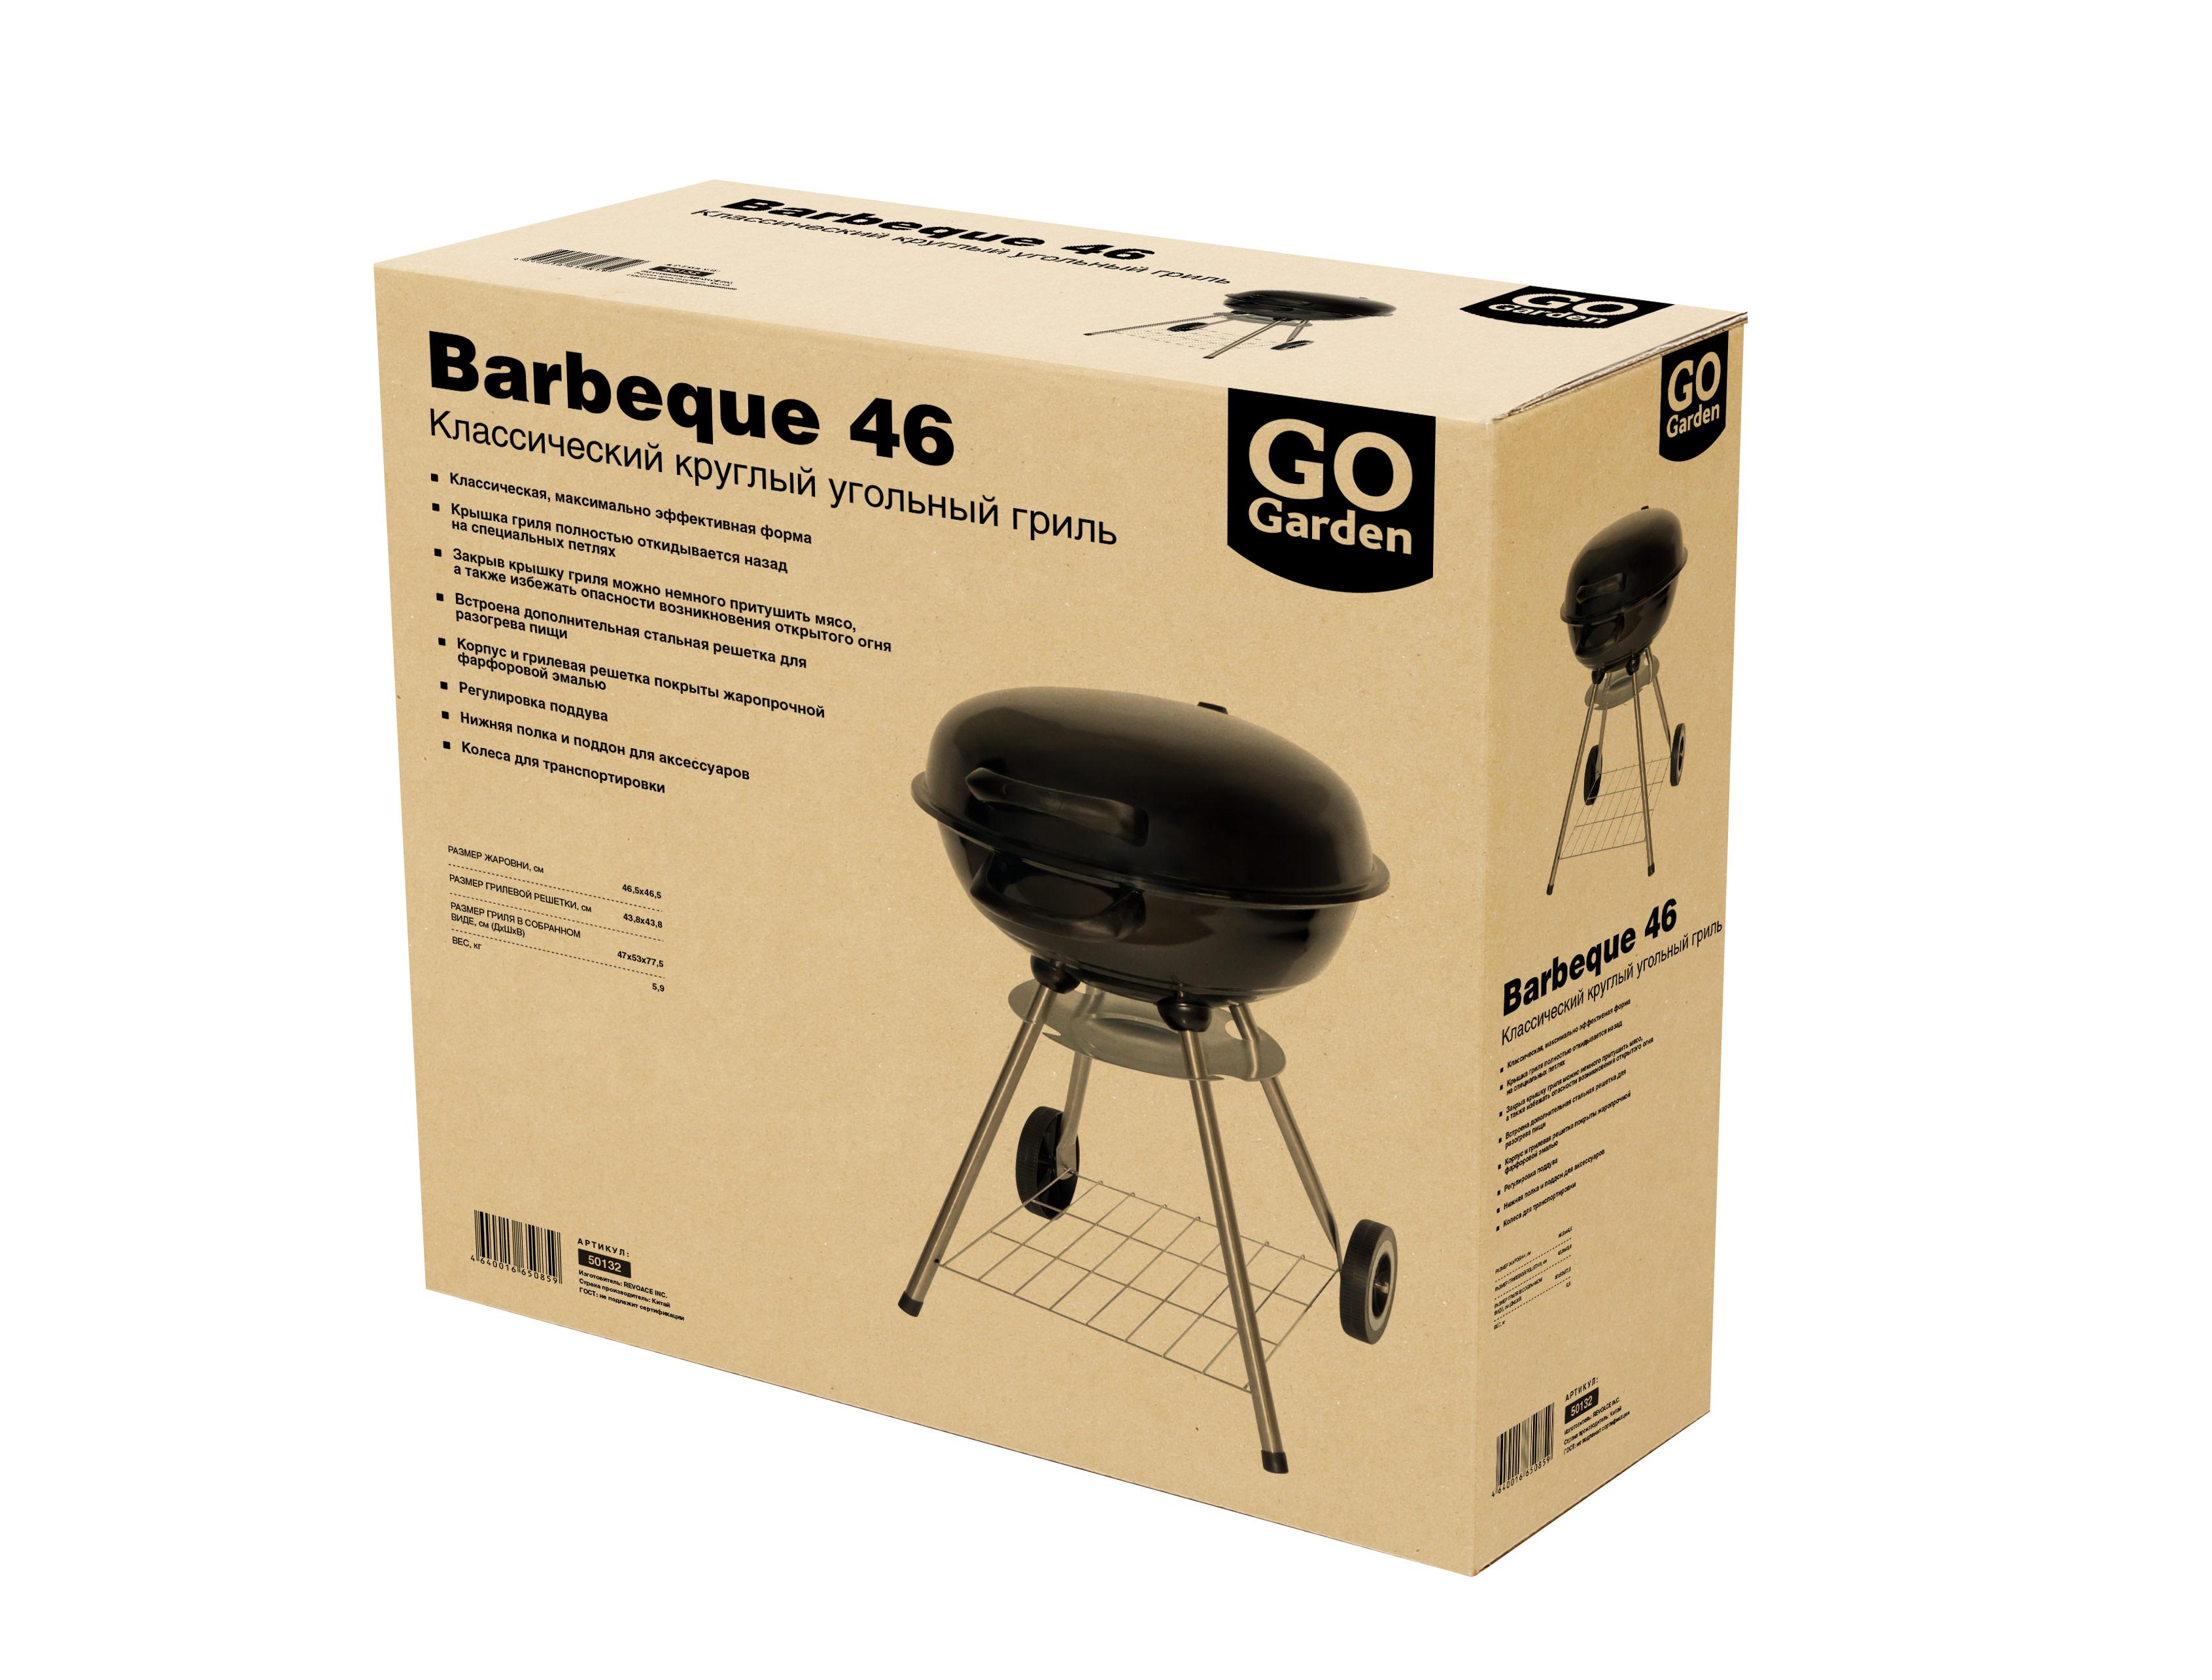 go garden Гриль Go Garden Barbeque 46 (50132)